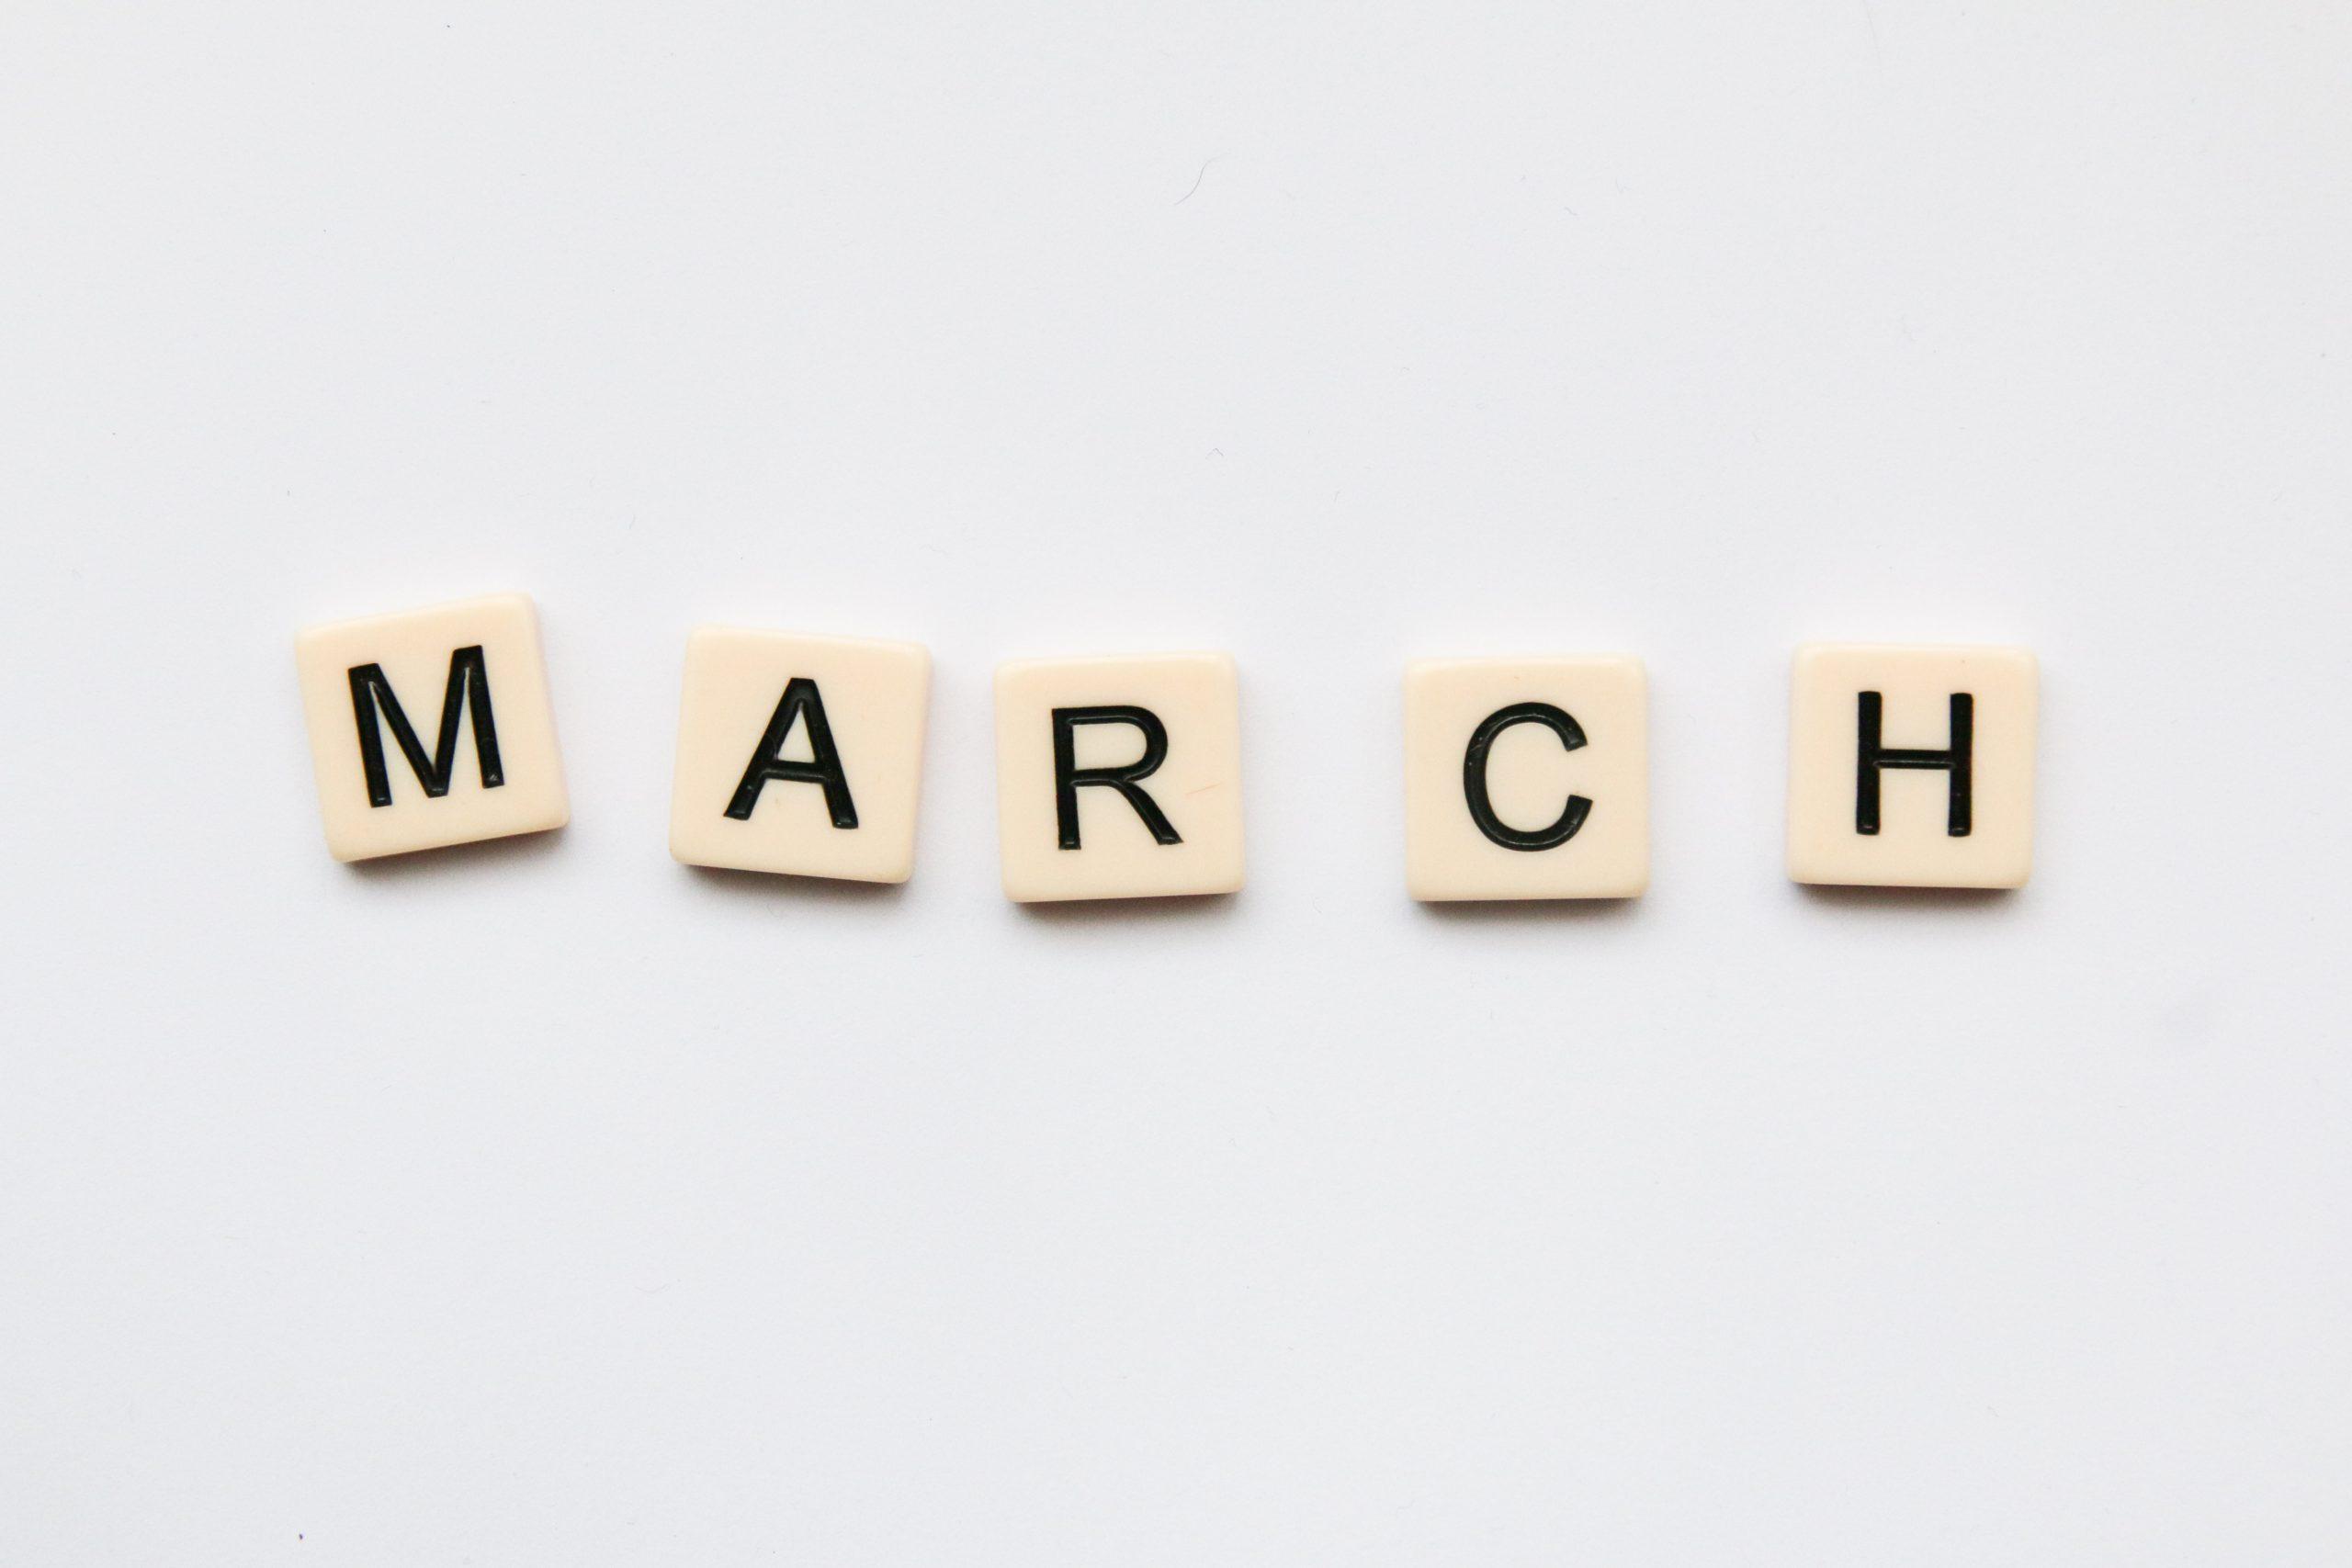 March, written using wood blocks